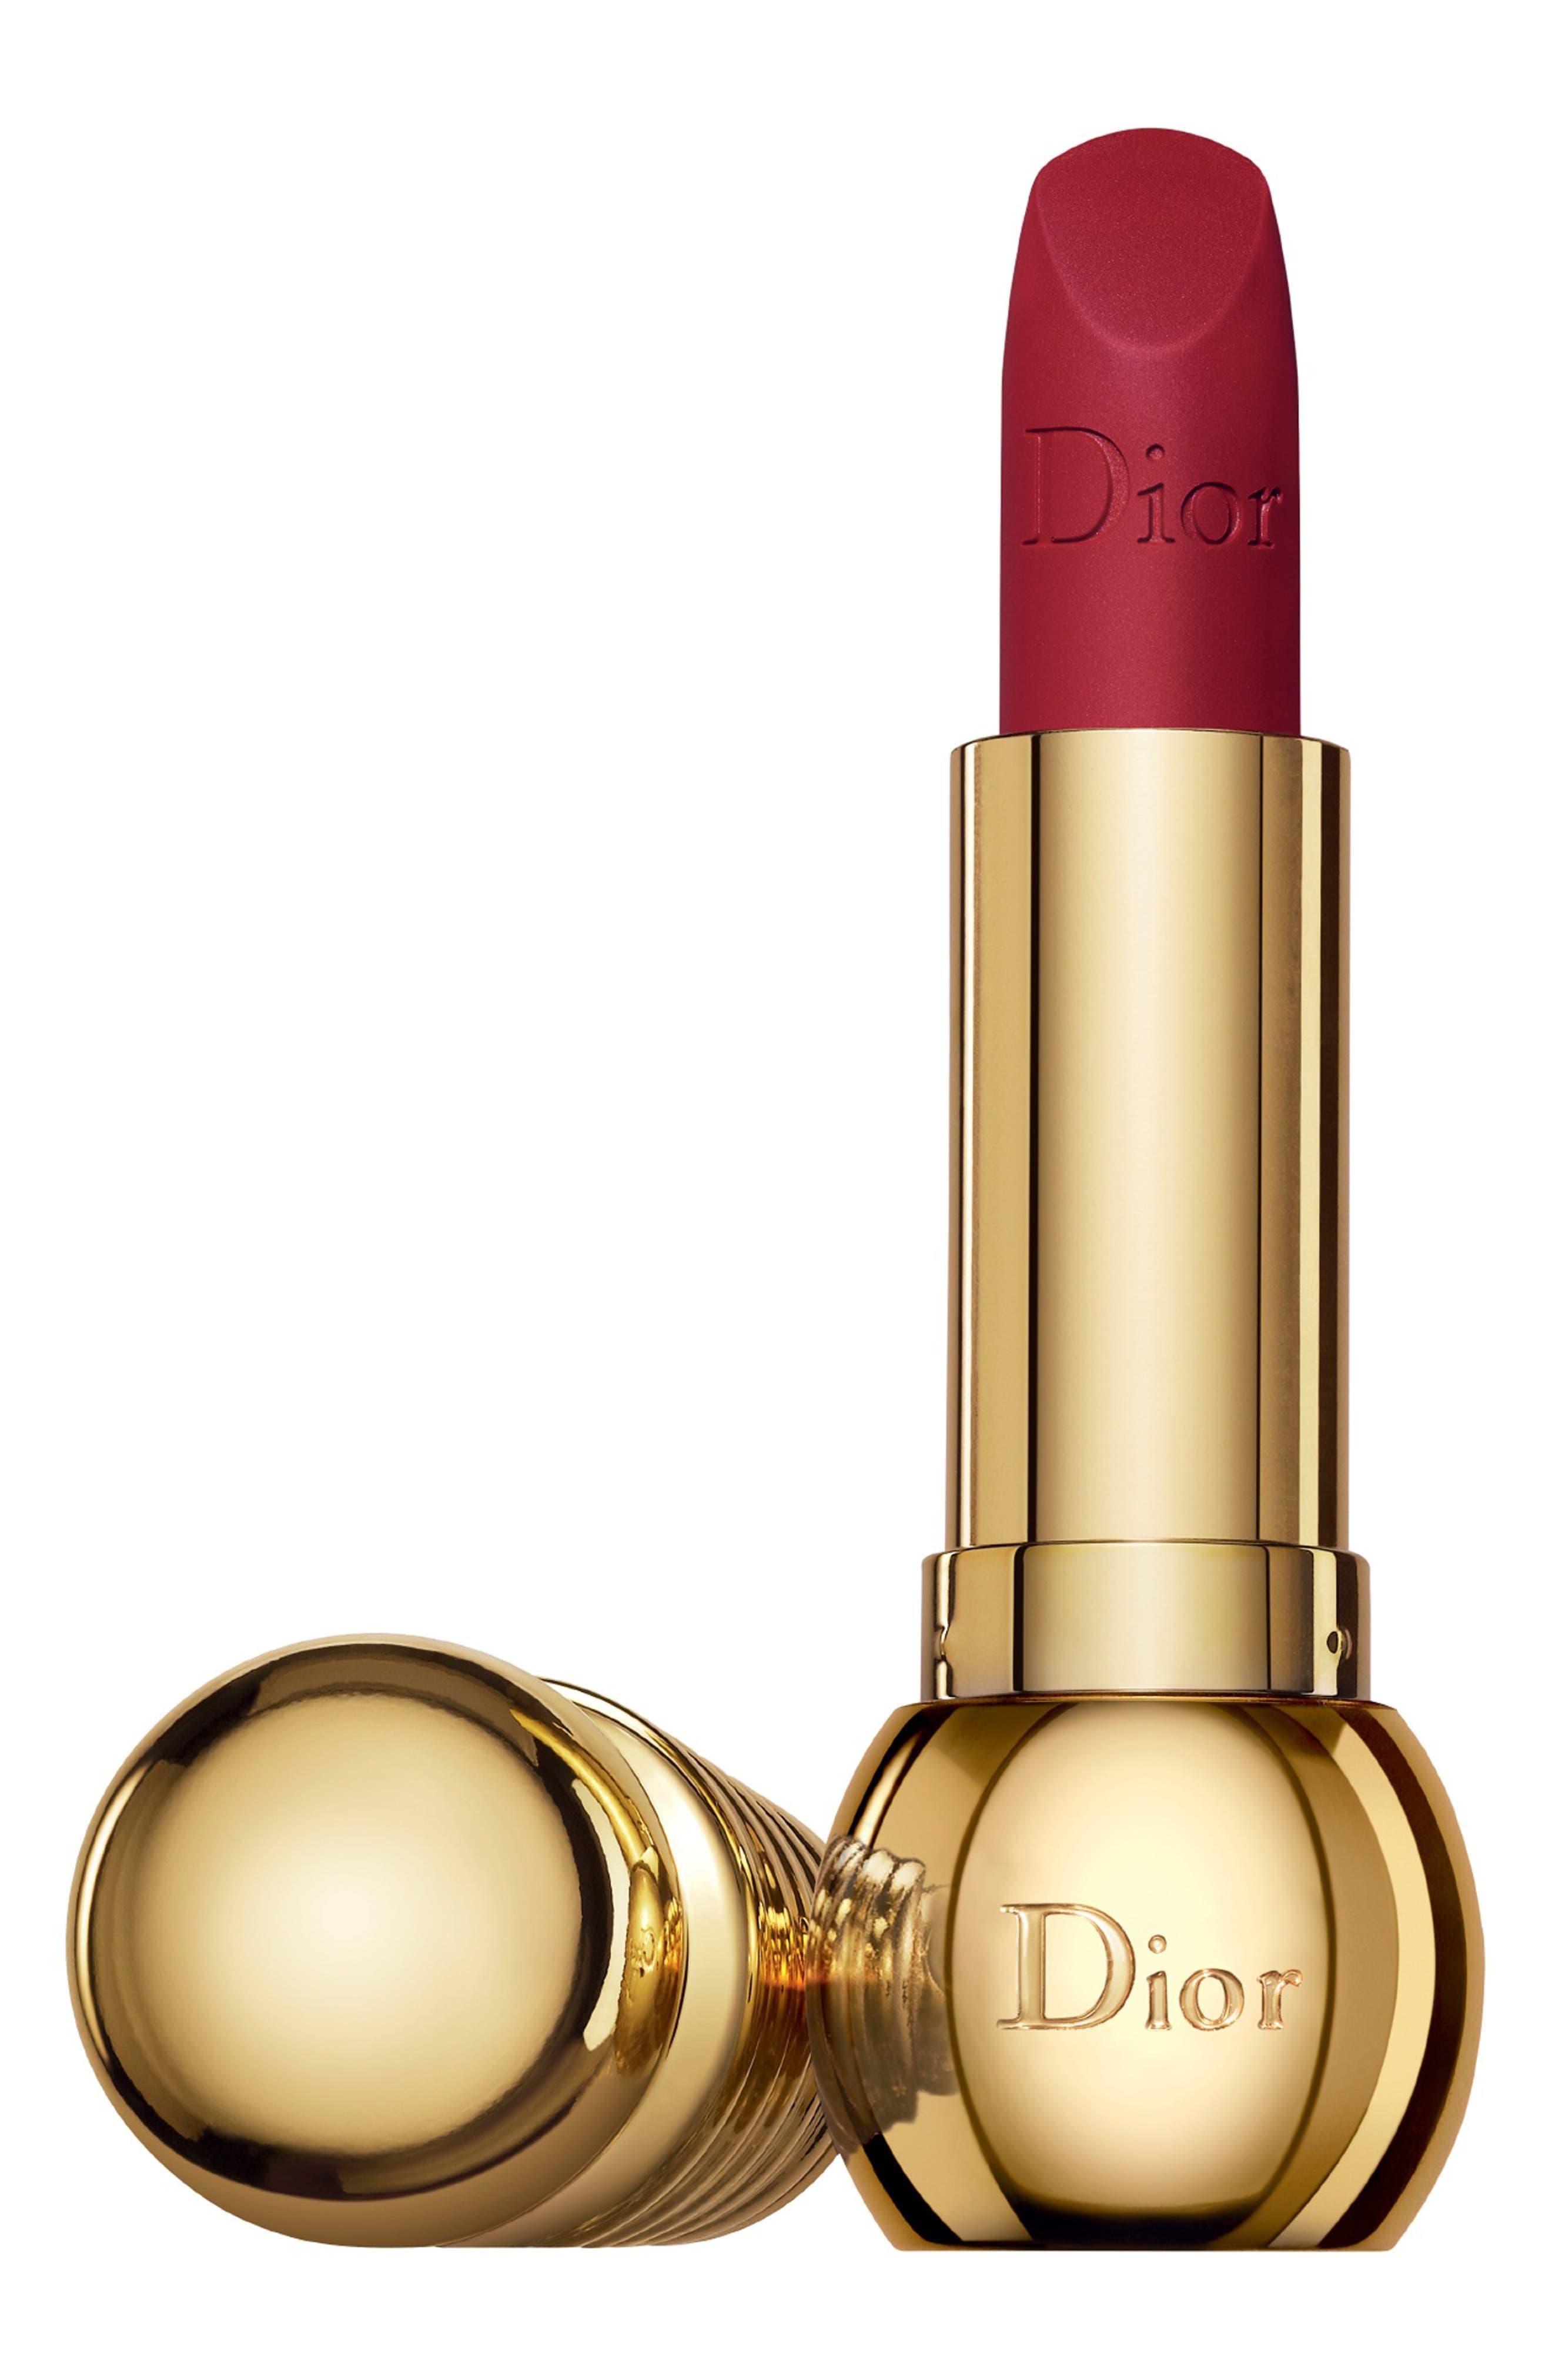 Dior Diorific Matte Velvet Color Lipstick - 760 Triomphante